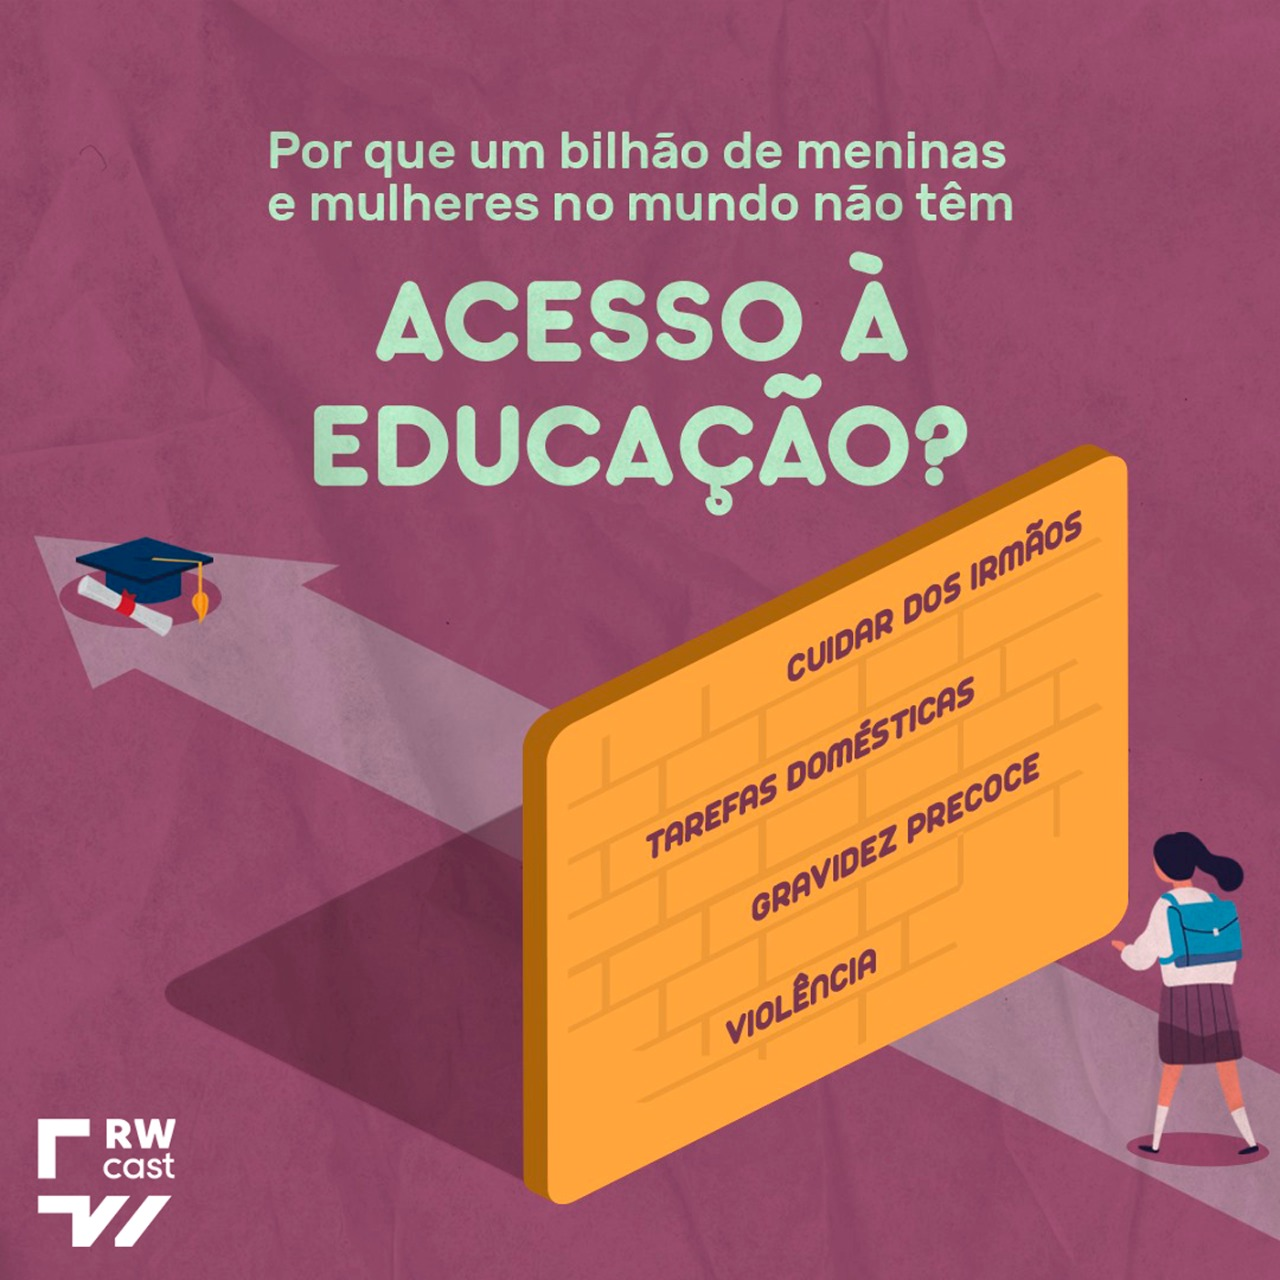 Porque um bilhão de mulheres no mundo não têm acesso à educação?